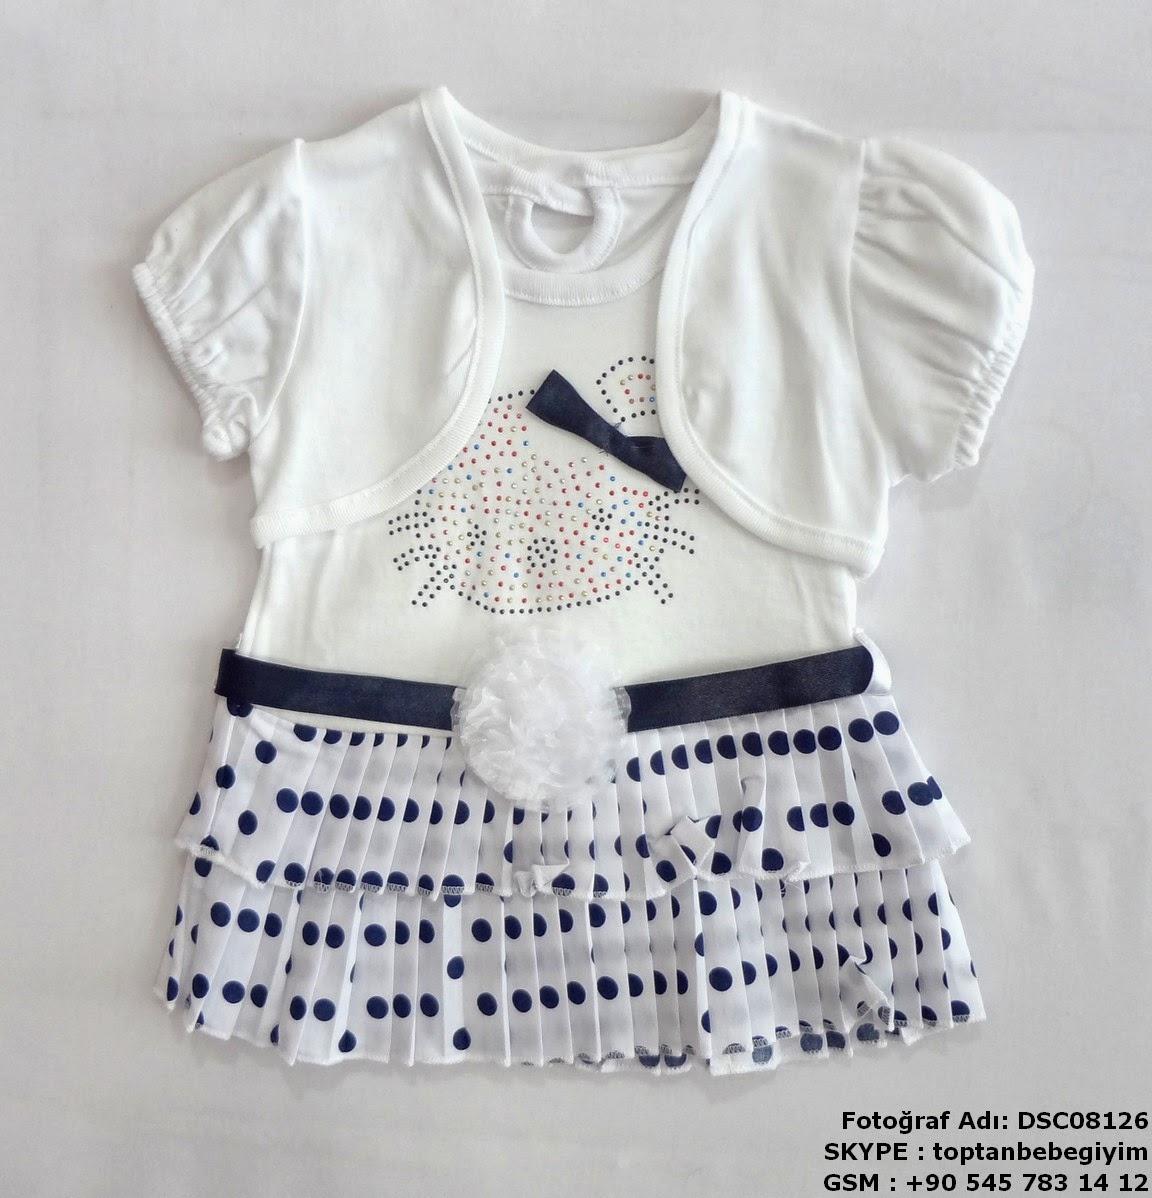 toptan bebe giyim